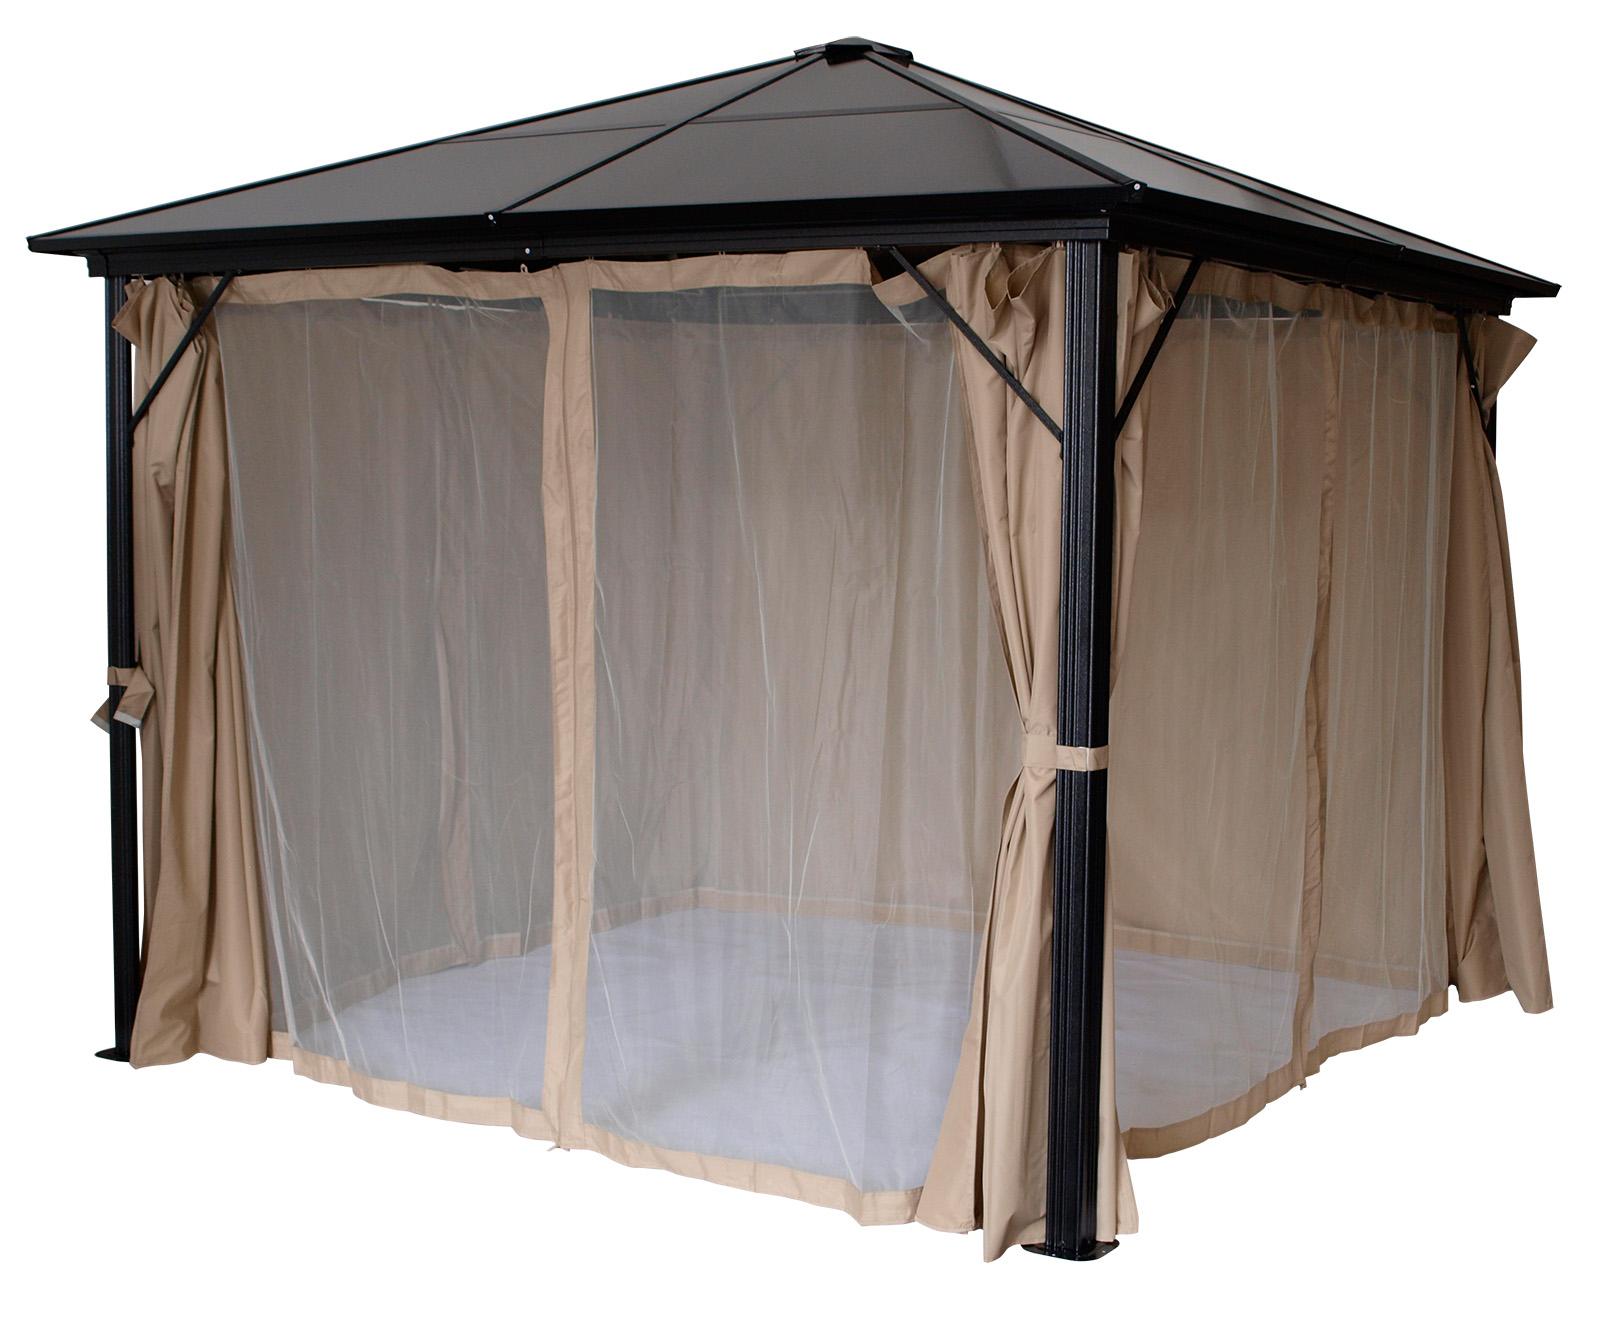 pavillons gartenm bel outdoor lda homestore ihr partner fuer kueche wohnen und garten. Black Bedroom Furniture Sets. Home Design Ideas